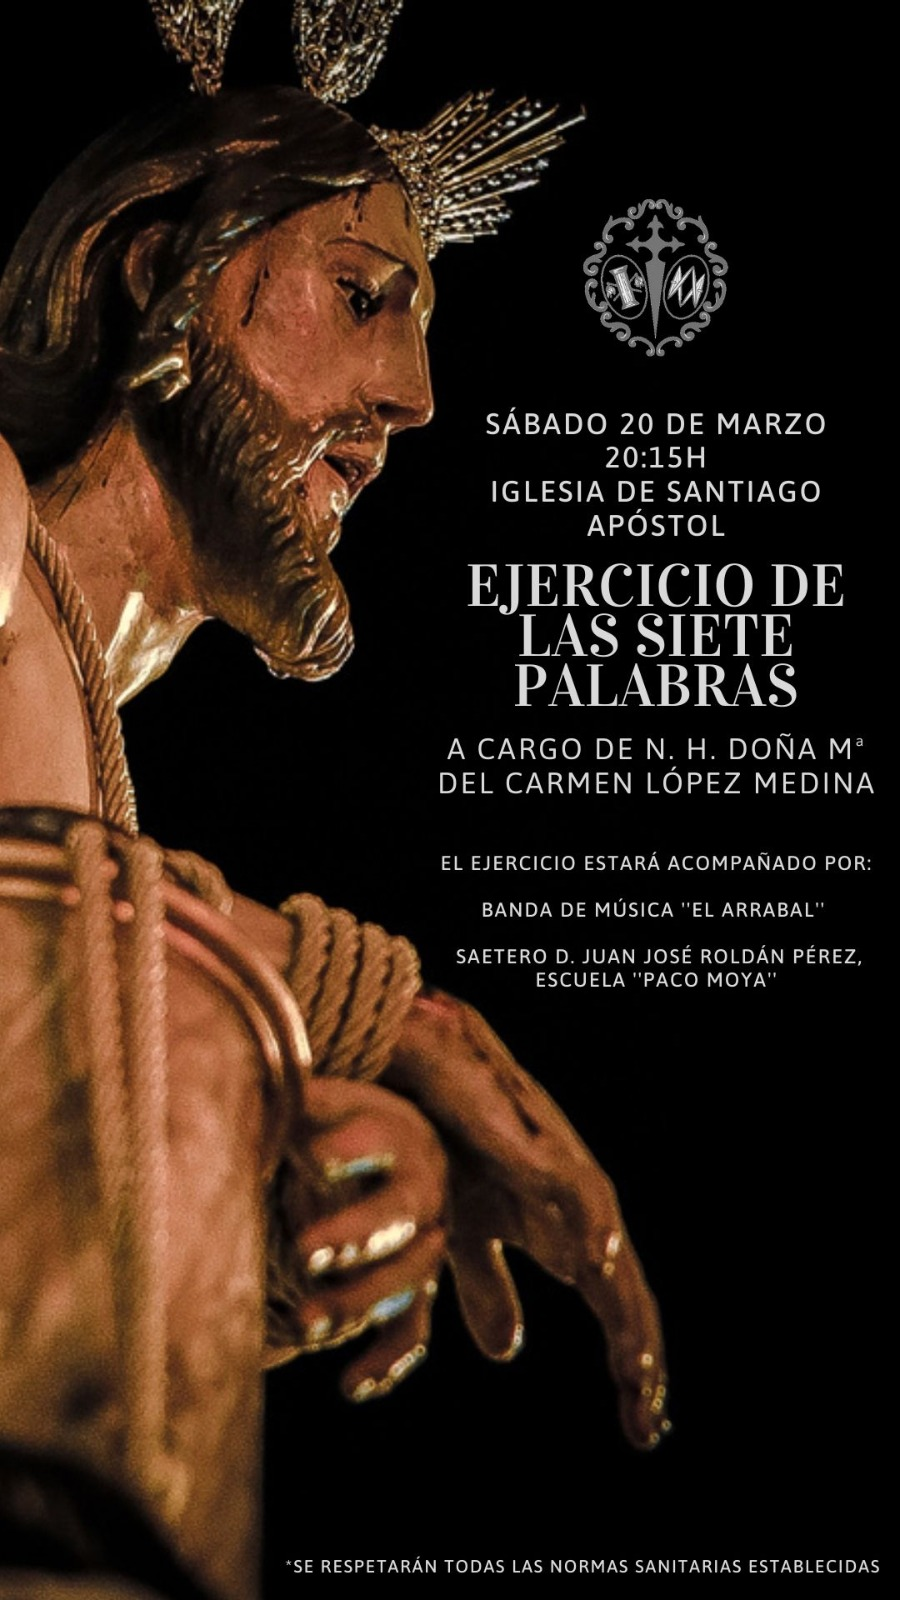 EJERCICIO DE LAS SIETE PALABRAS NUESTRO PADRE JESUS EN LA COLUMNA CARMONA